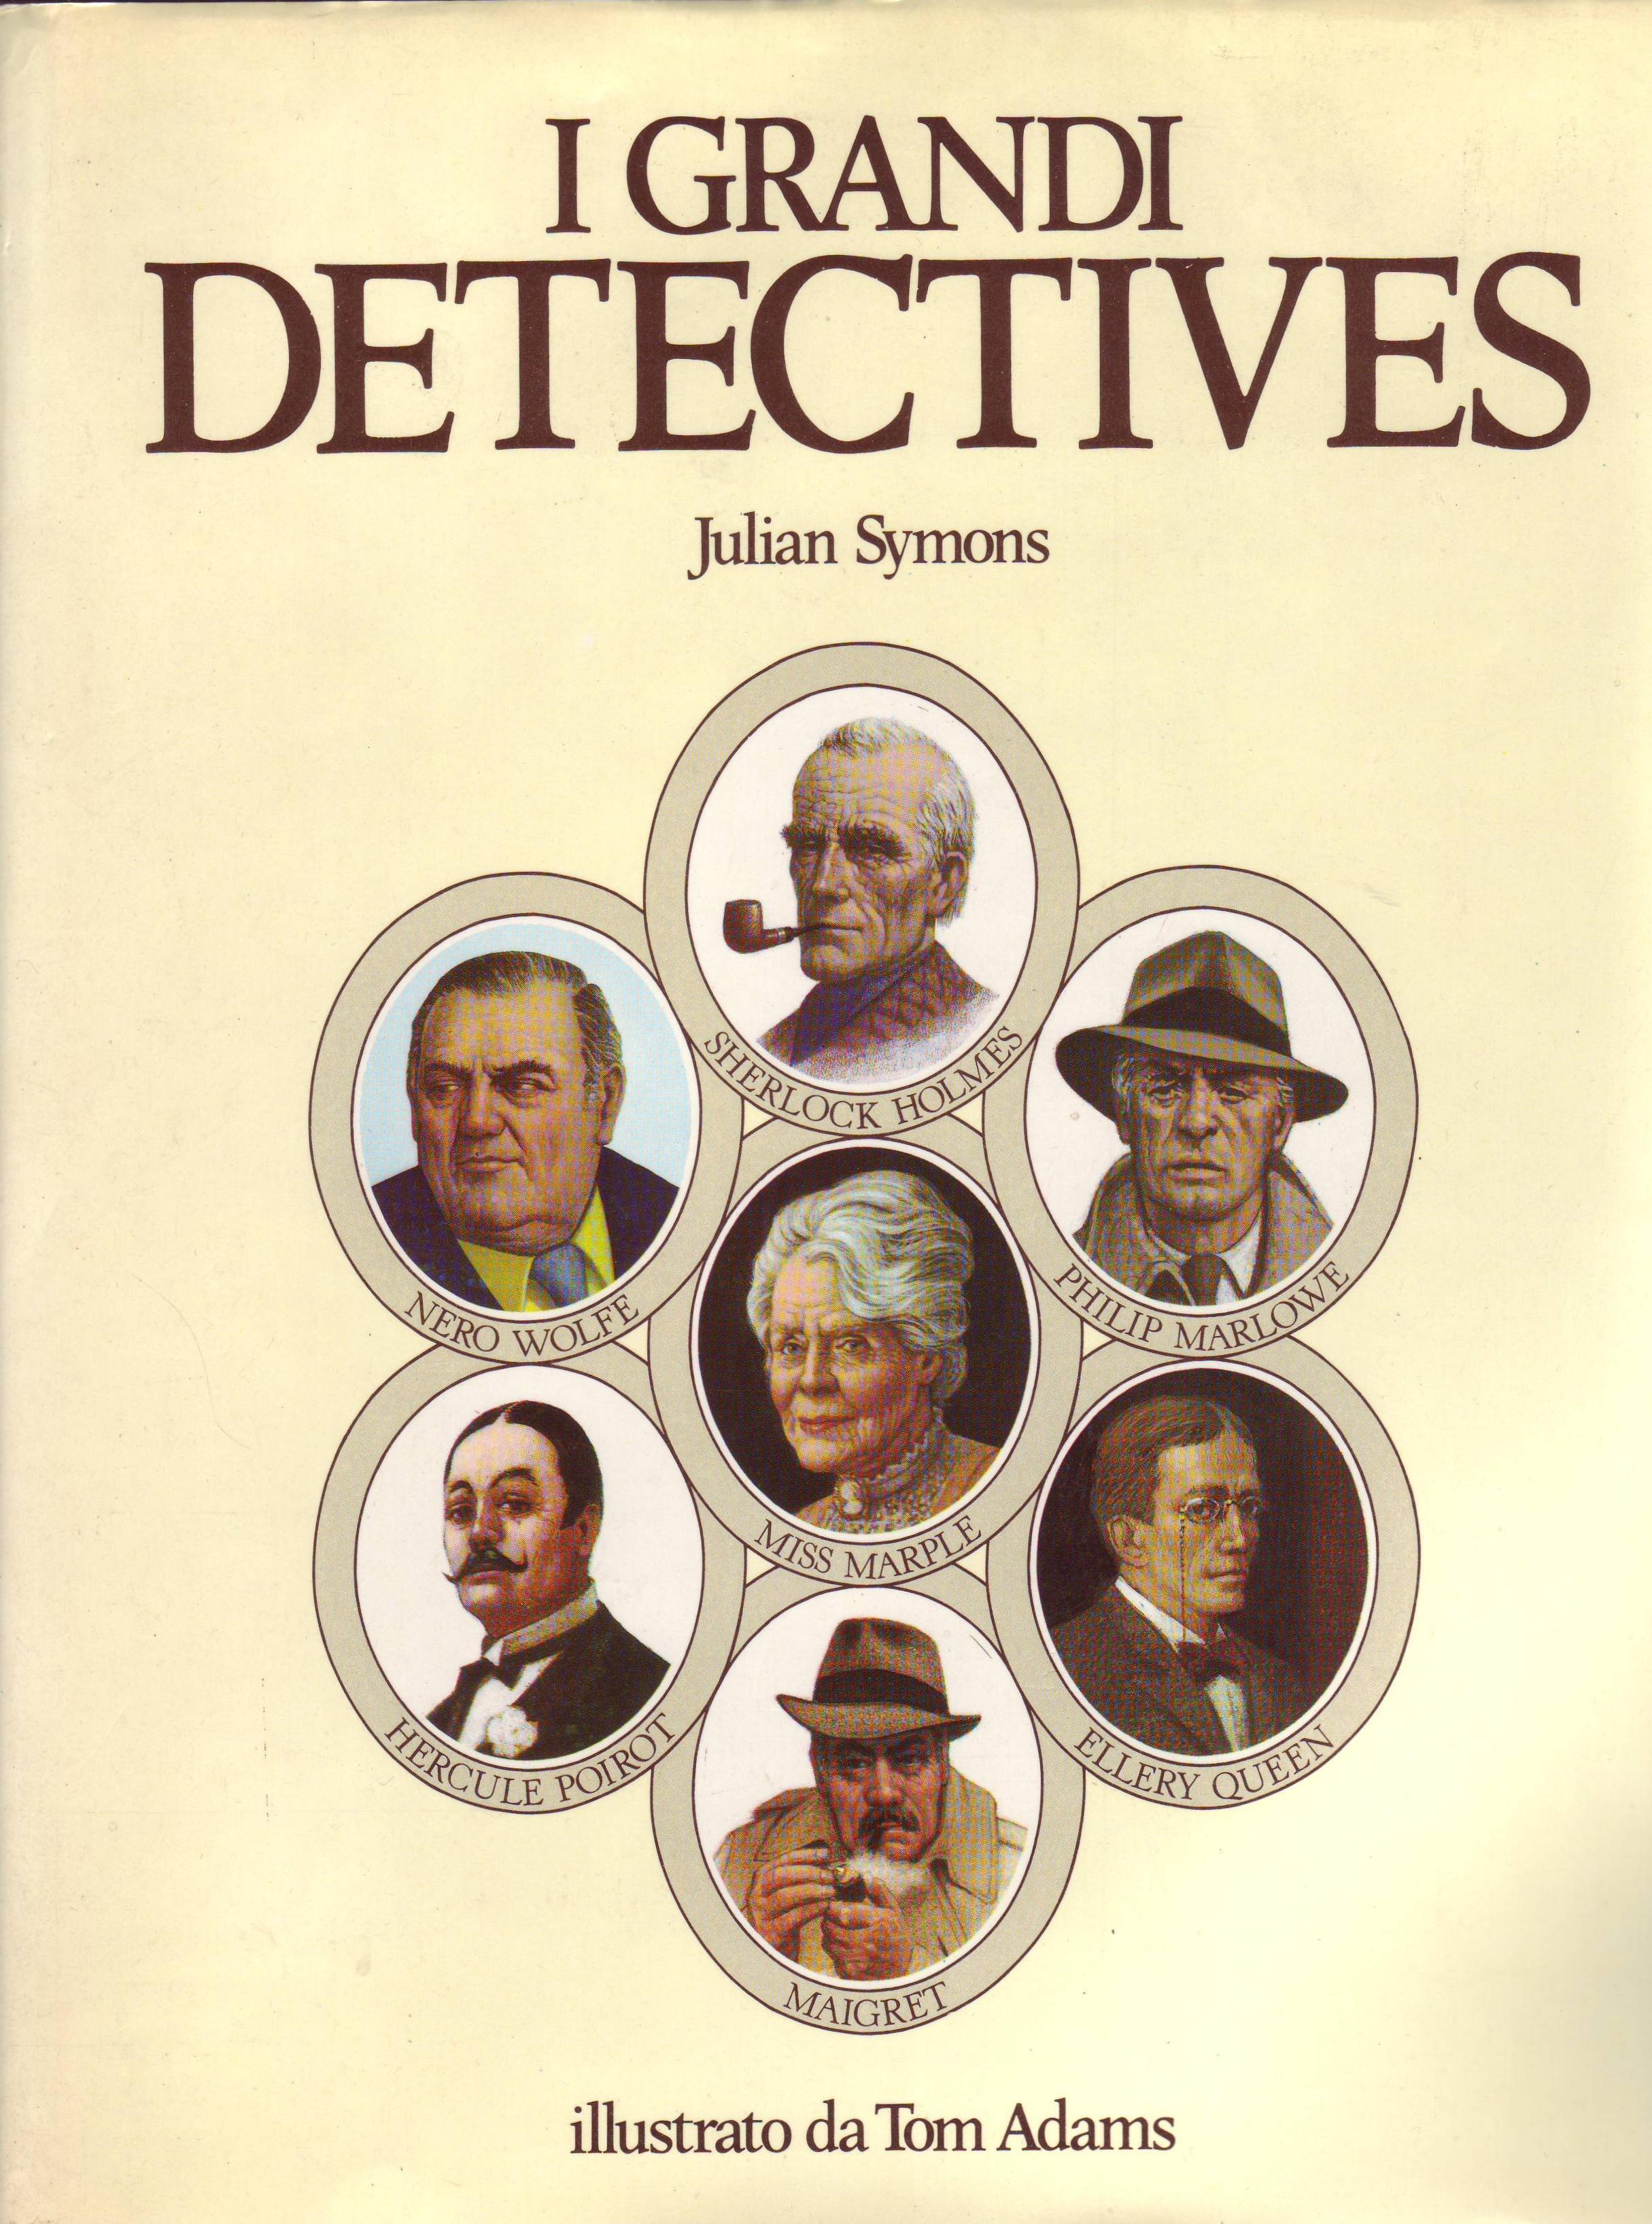 I grandi detectives